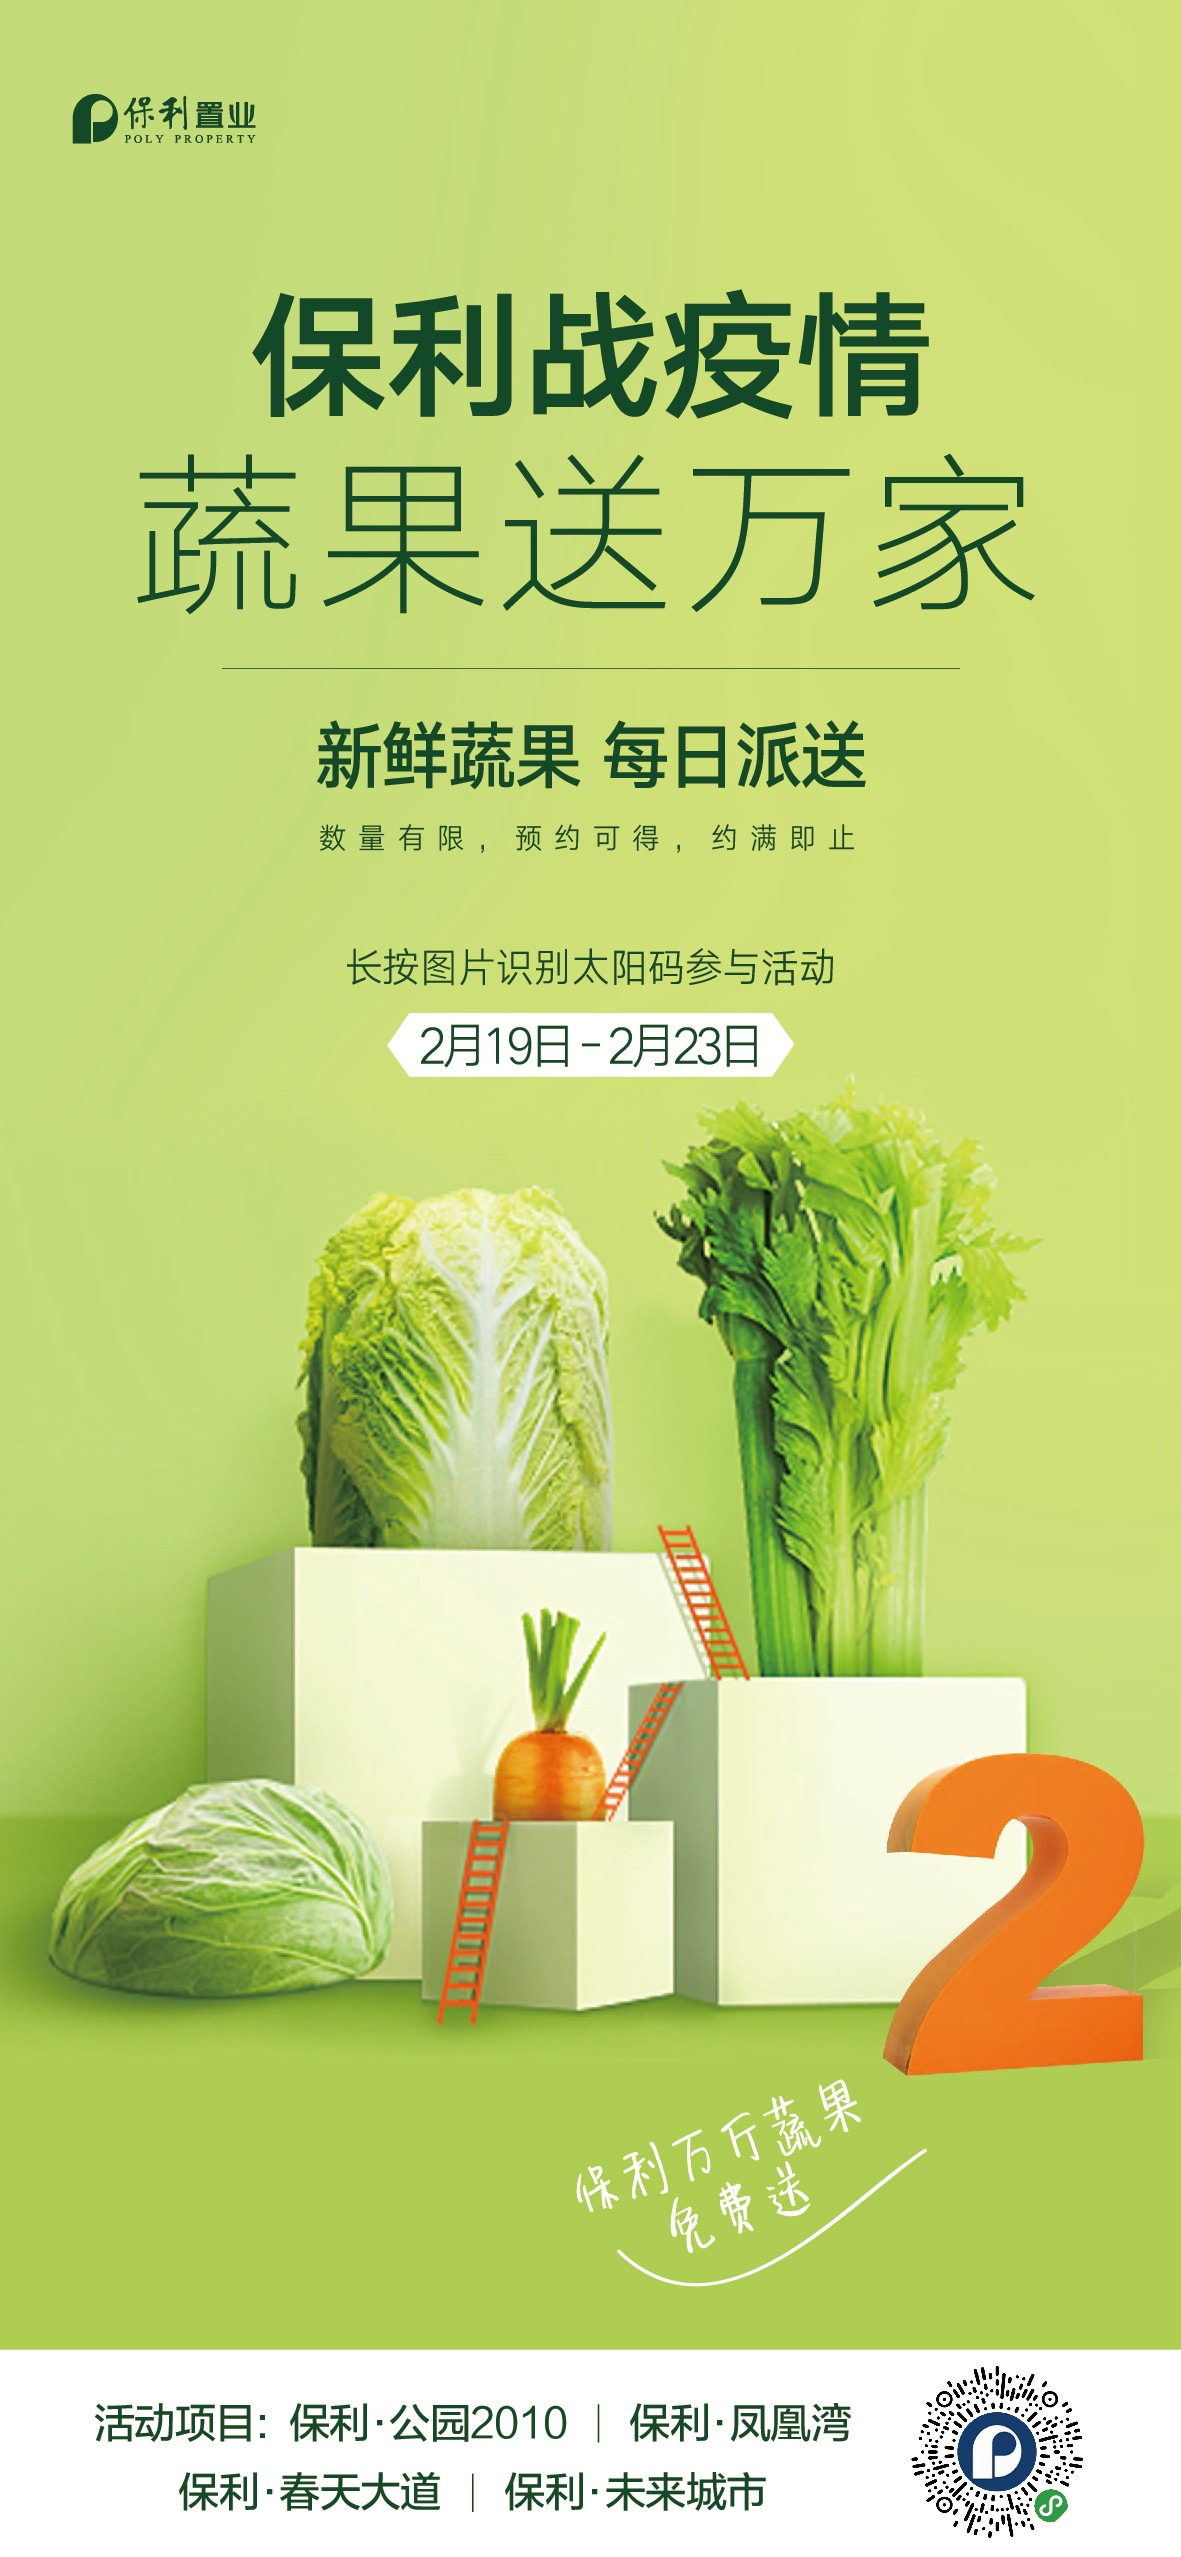 保利·未来城市:保利战疫情蔬果送万家 新鲜蔬果每日送 -中国网地产